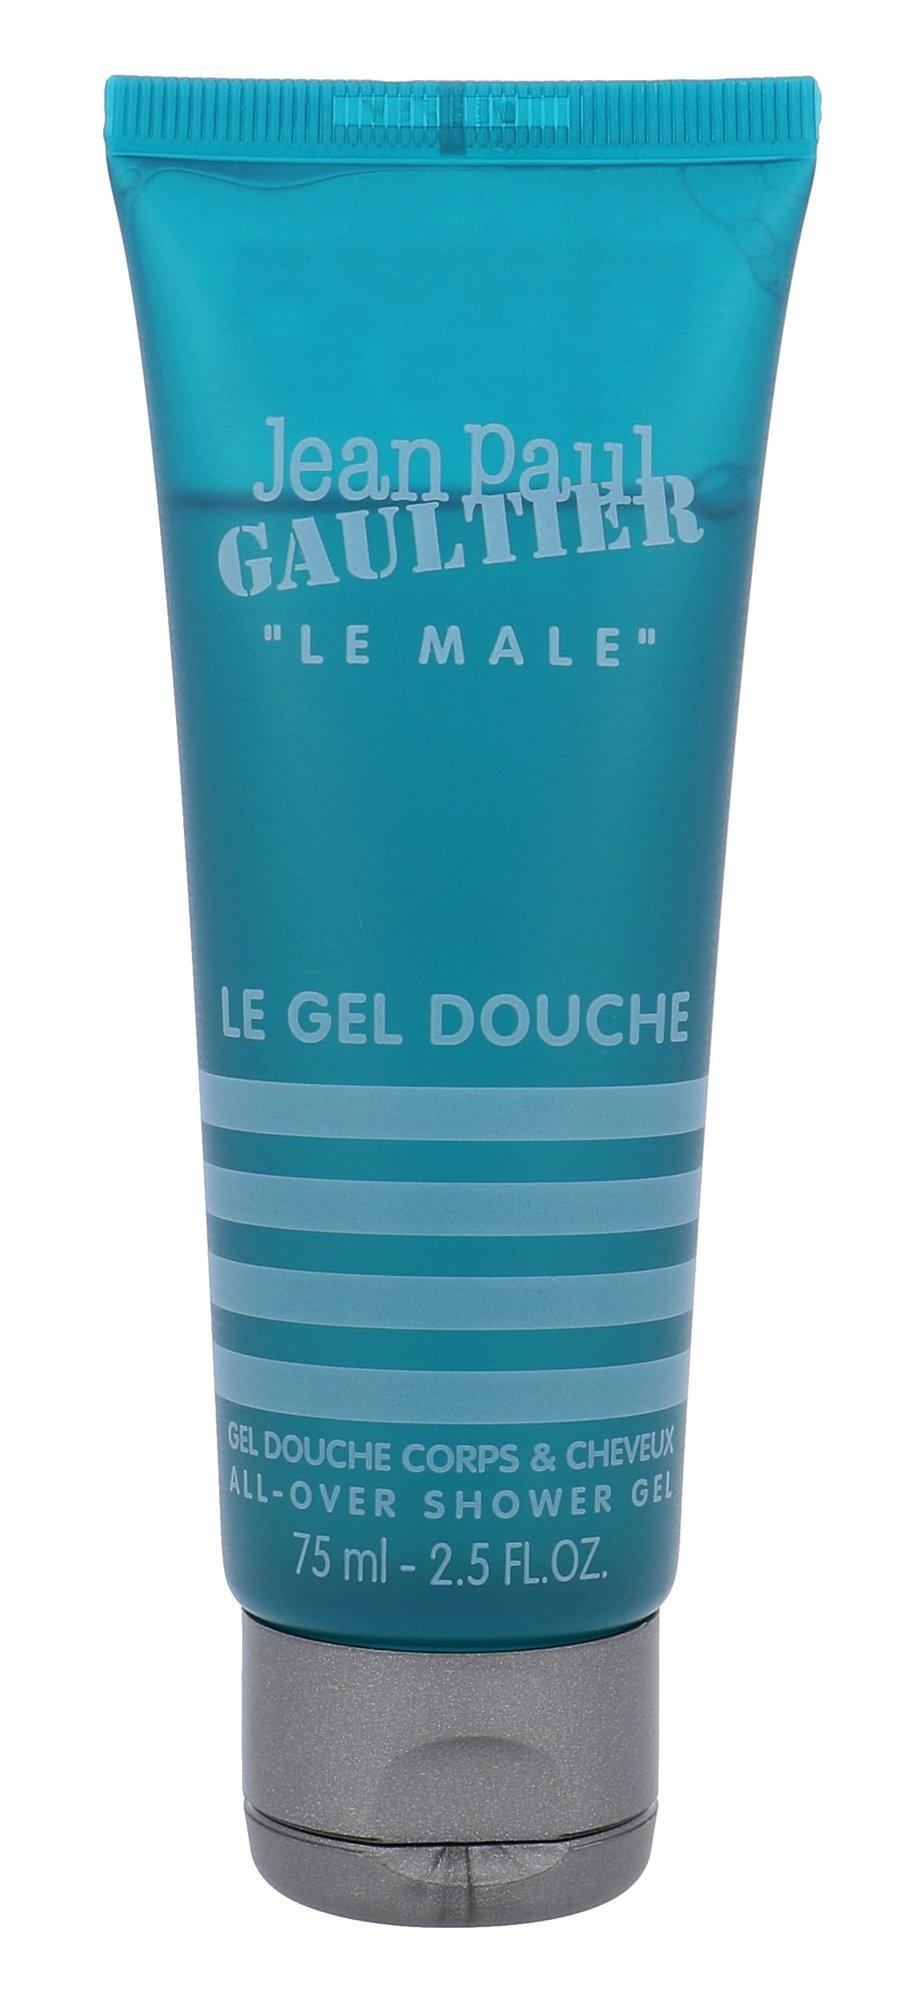 Jean Paul Gaultier Le Male Shower gel 75ml